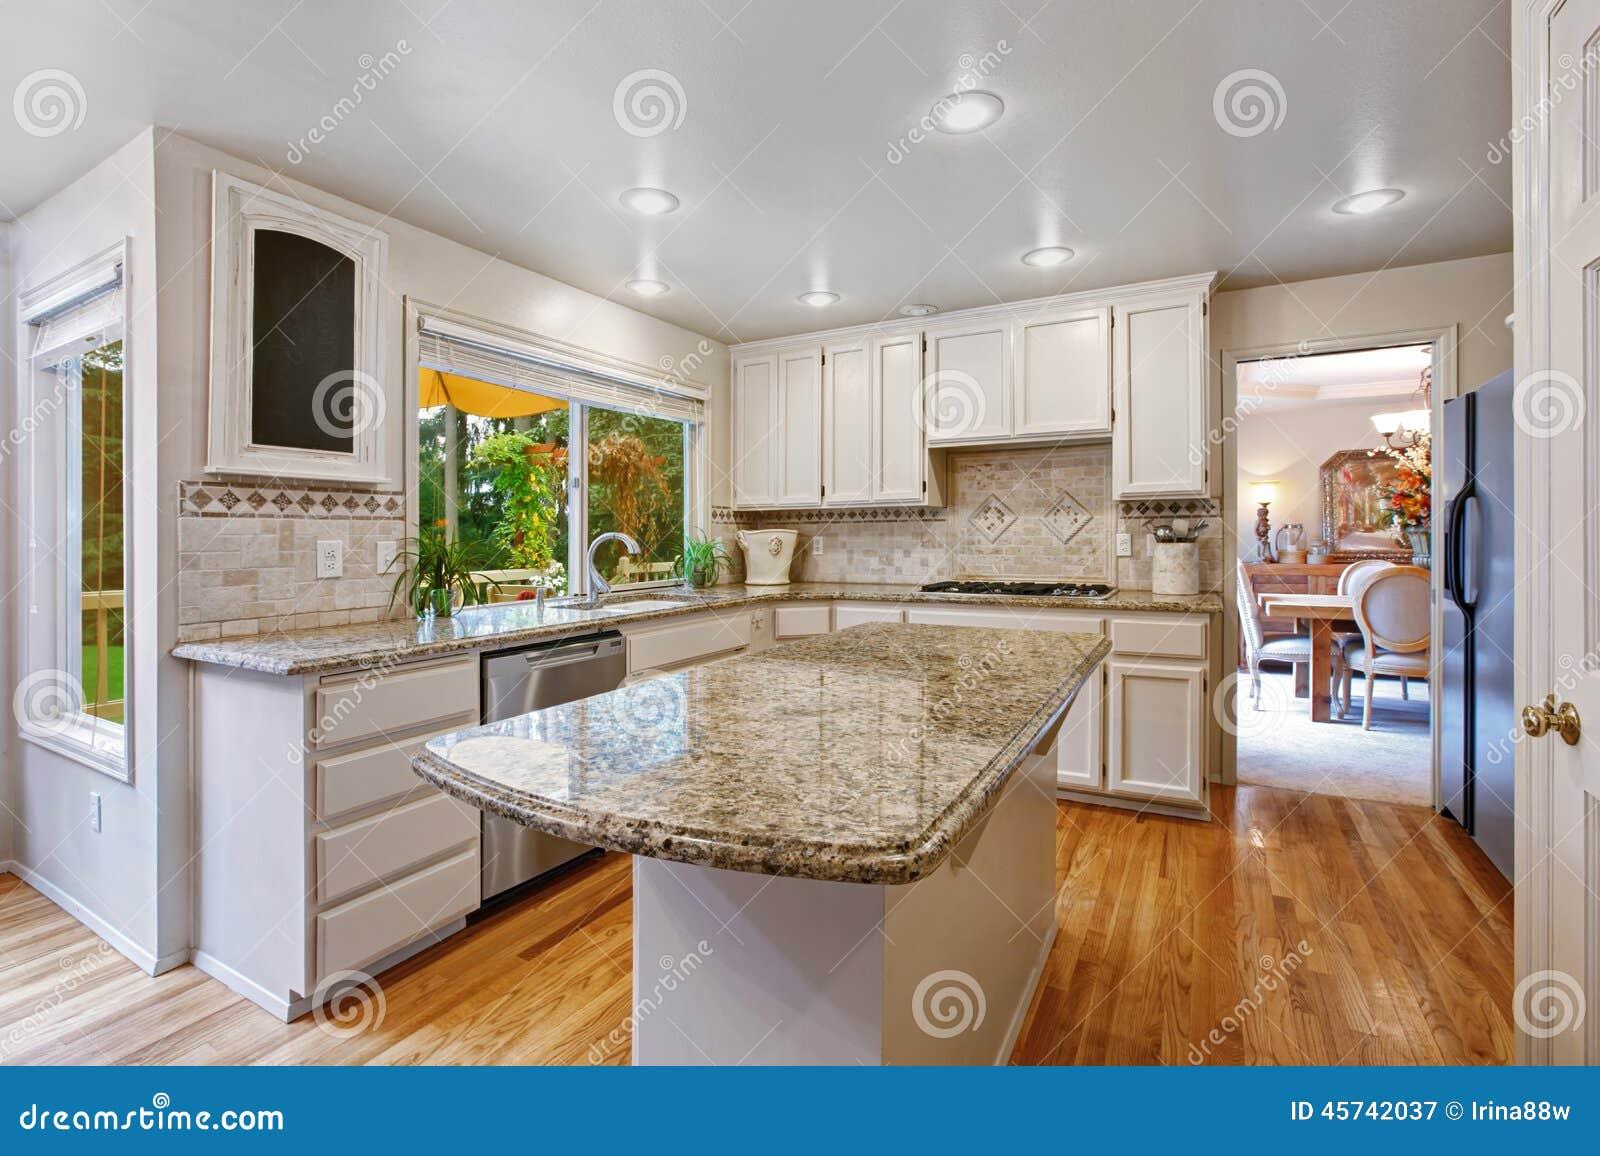 Küchenraum Mit Weißer Speicherkombination Und -insel Stockbild ...